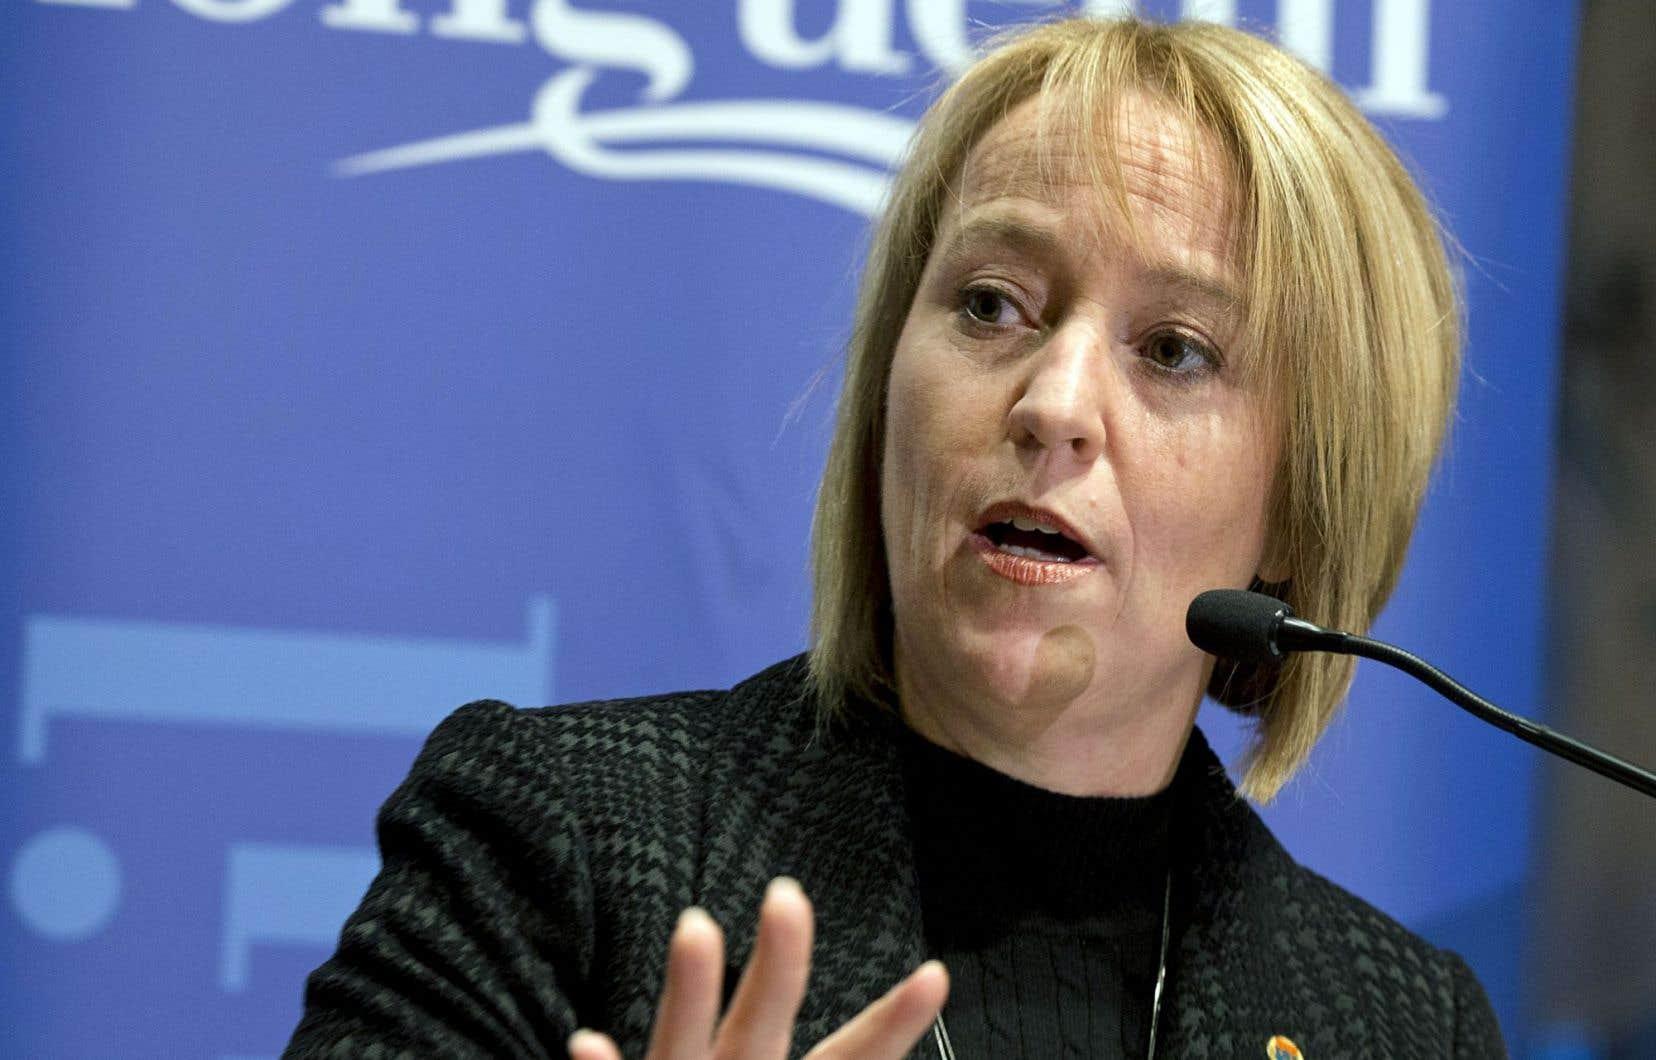 Mairesse de Longueuil depuis 2009, Caroline St-Hilaire s'est dite satisfaite d'avoir pu remettre de l'ordre dans les finances publiques de la Ville et de l'agglomération.